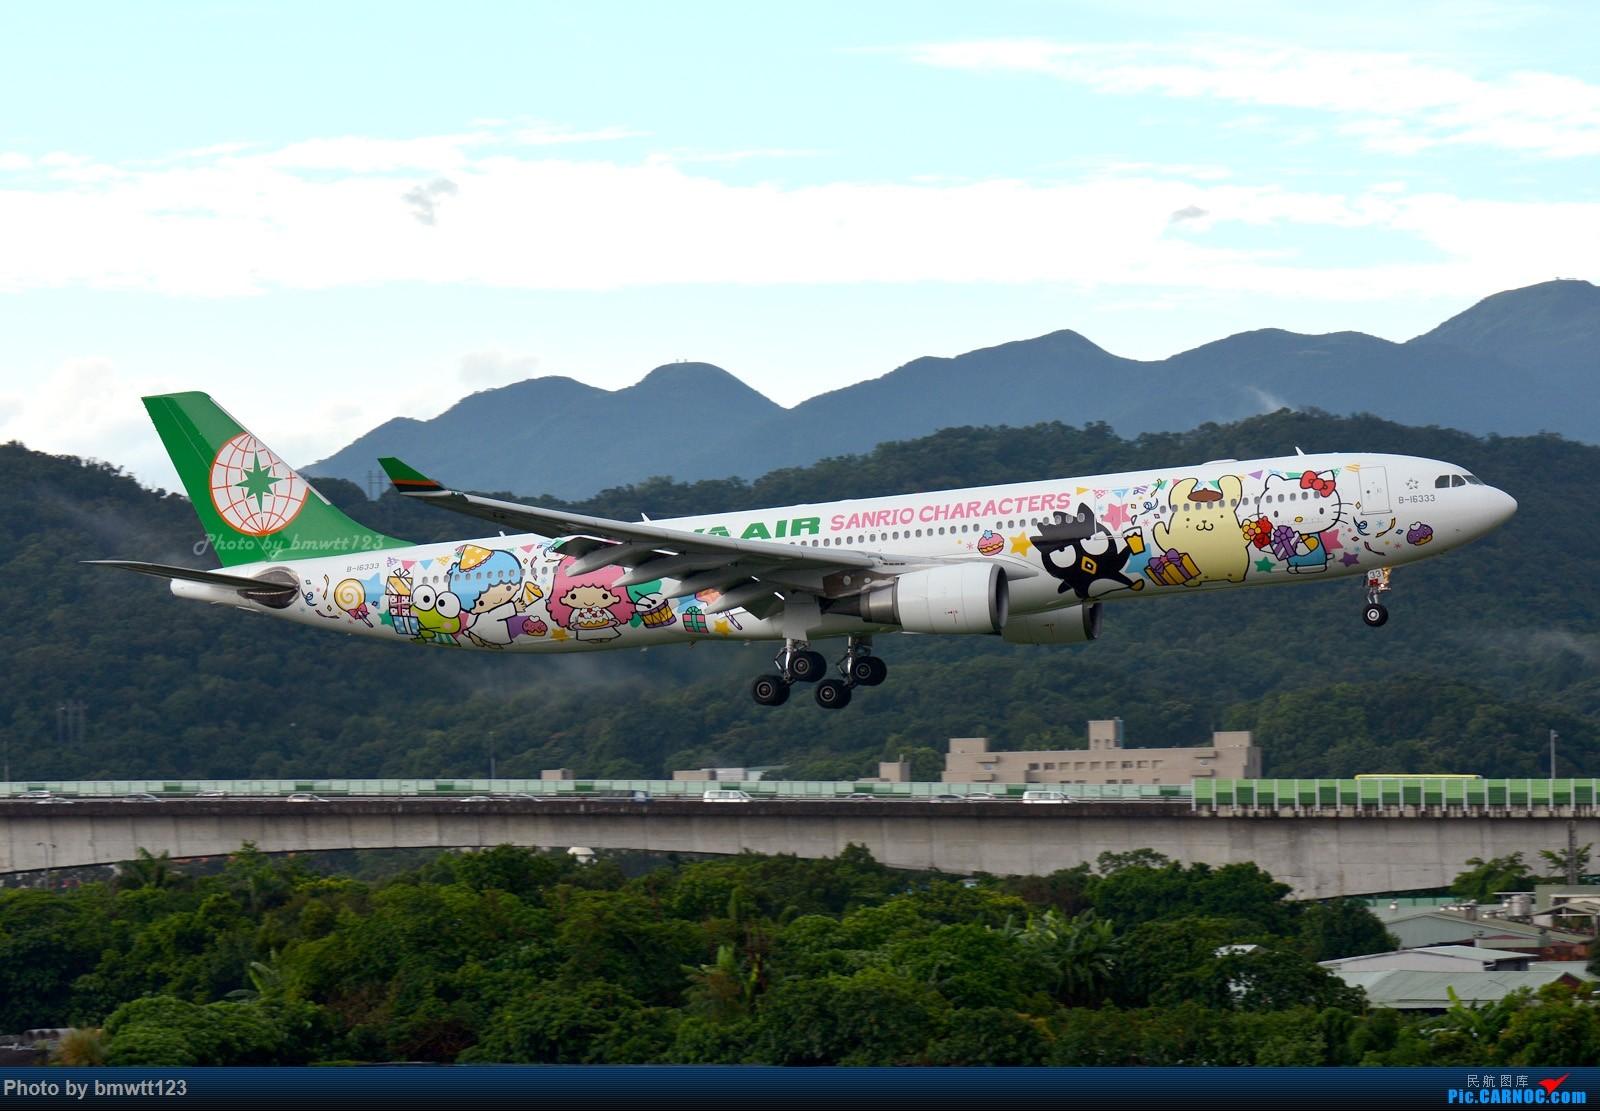 Re:[原创]【TSA松山】蔡阿姨家2日拍机作业之松山印象,附松山拍机位地图 AIRBUS A330-300 B-16333 中国台北松山国际机场